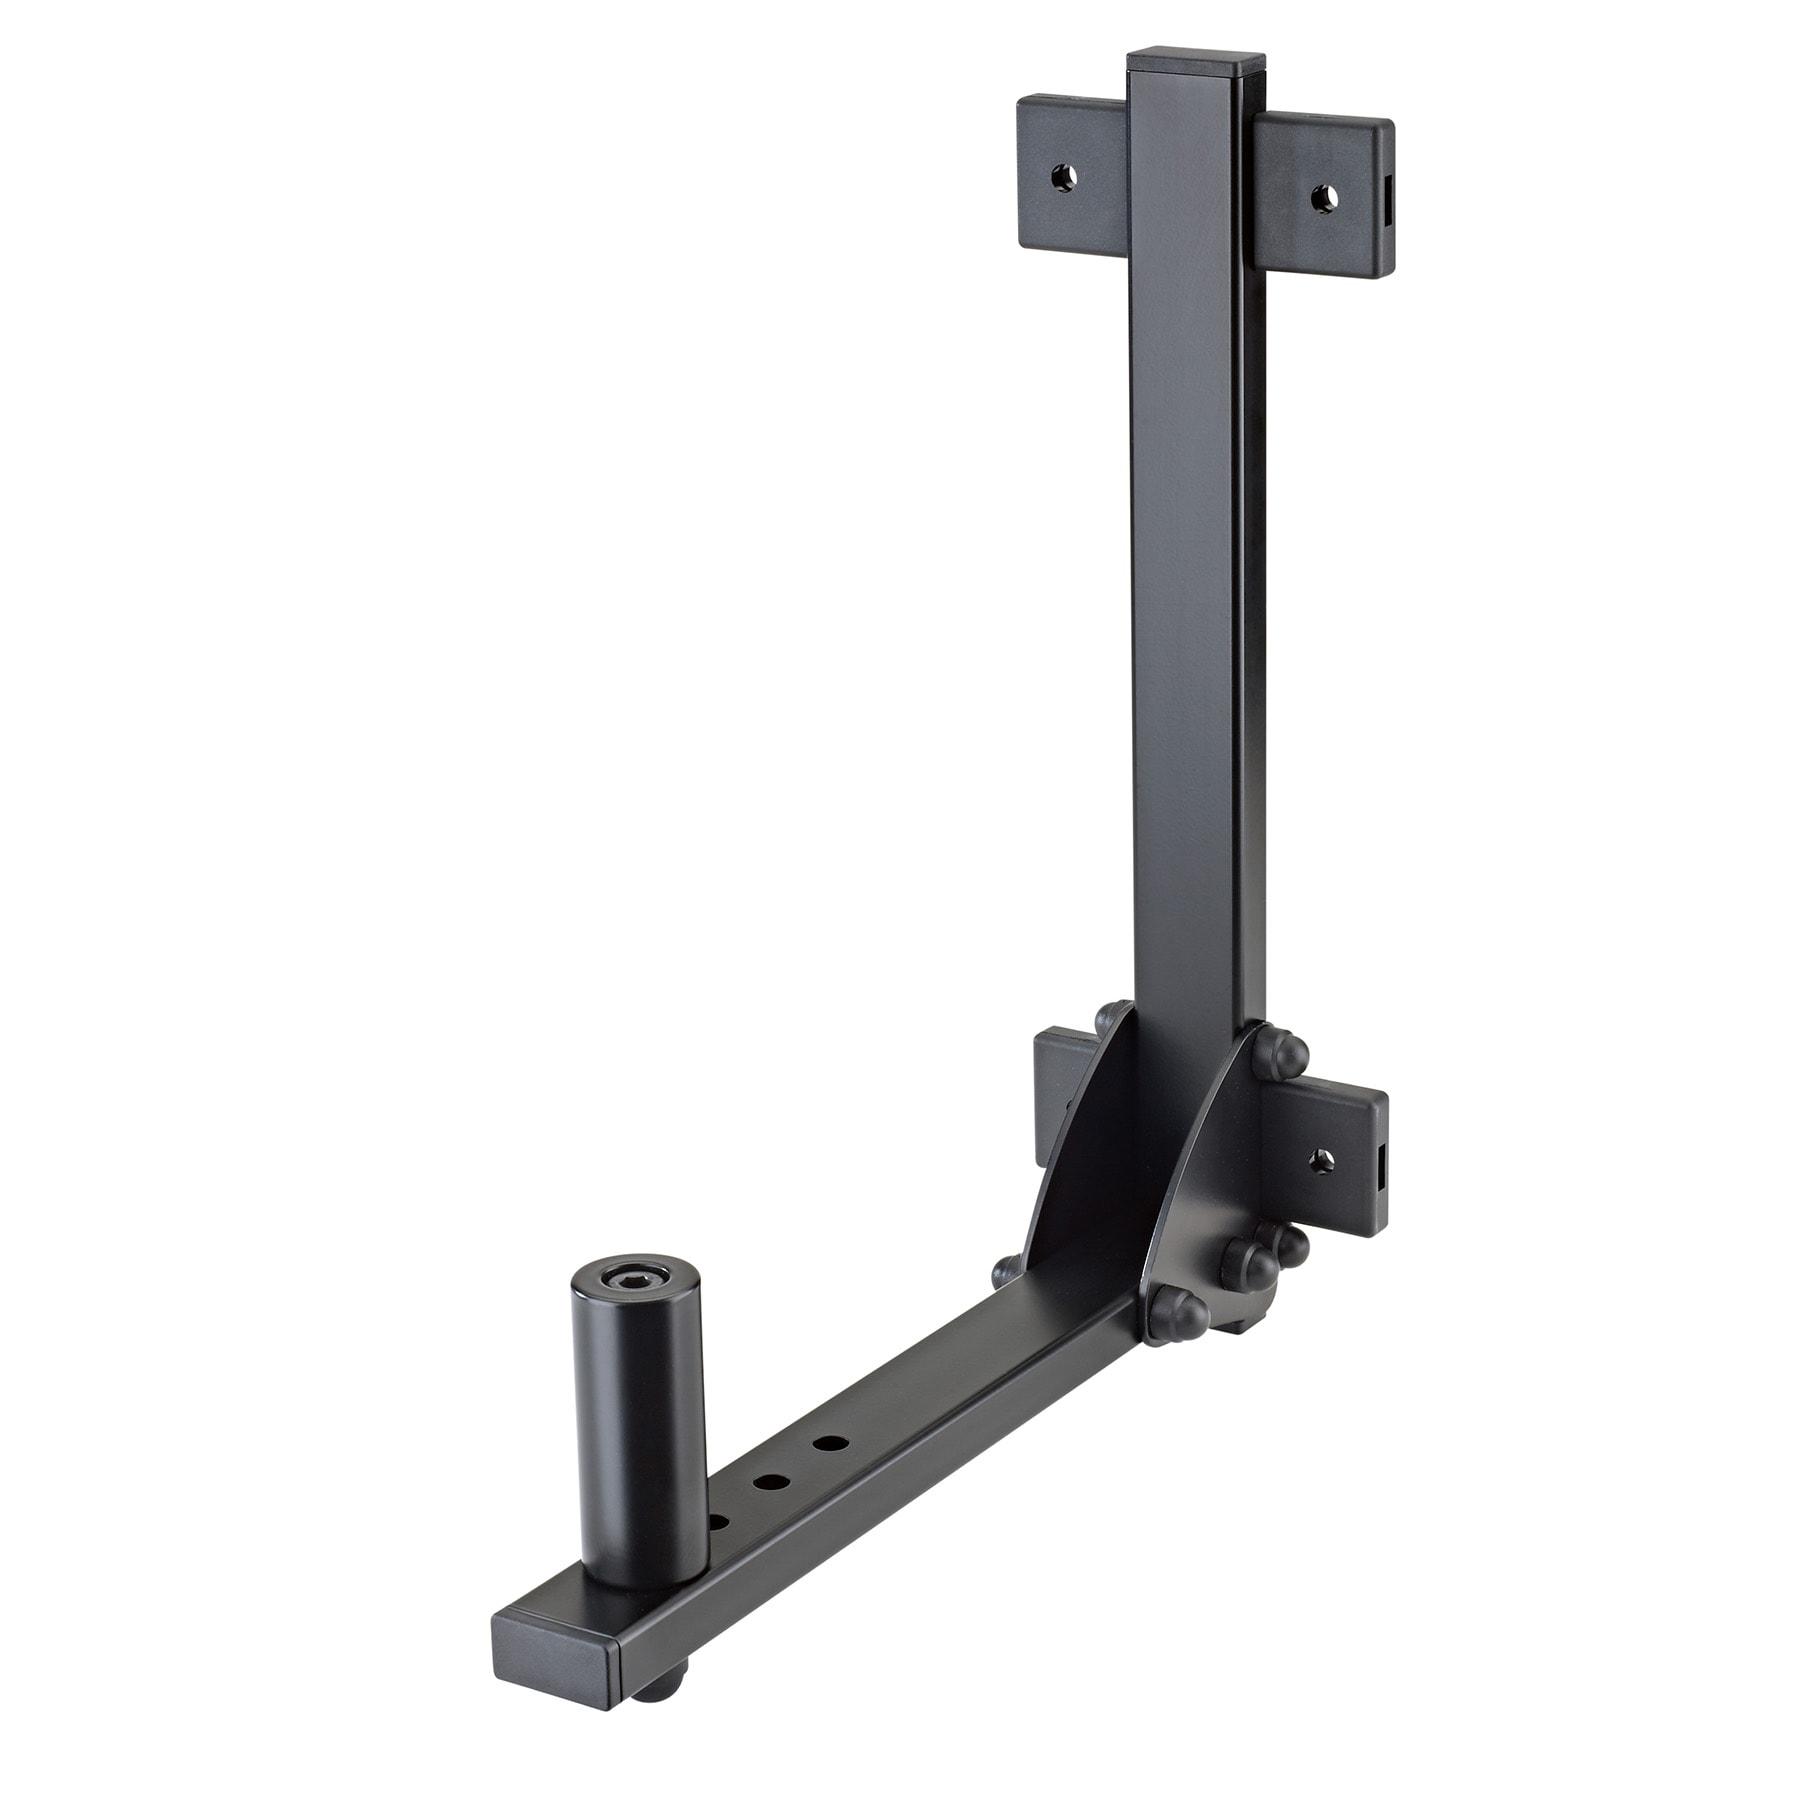 KM24140 - Speaker wall mount